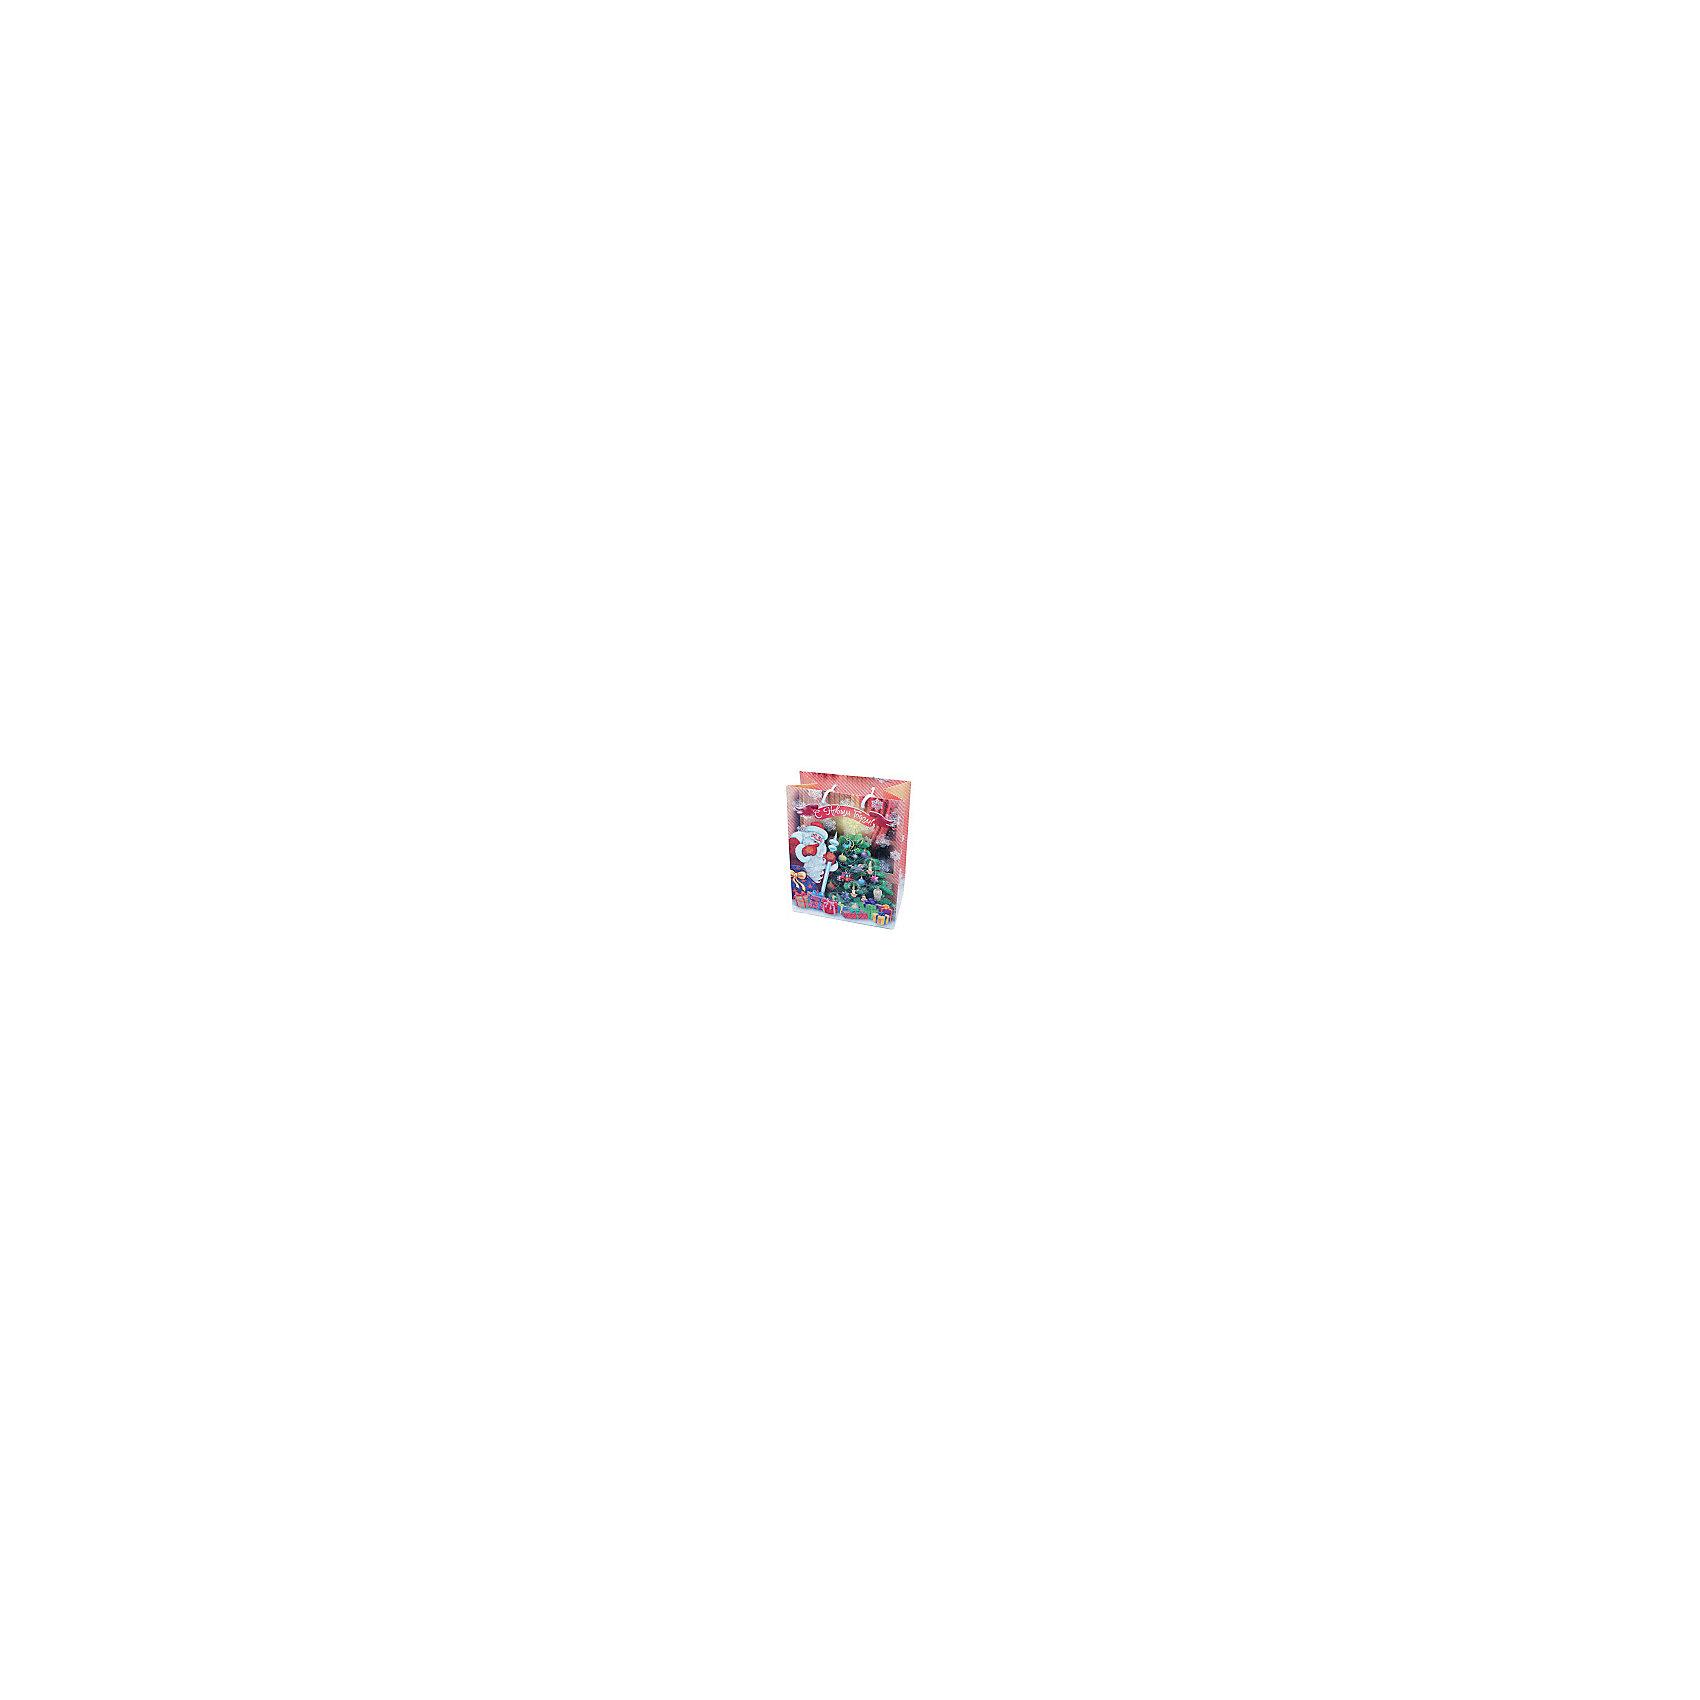 Новогодний бумажный пакет Кукла, размер М (178х229х98),Пакет бумажный новогодний Дед мороз пришел, размер М (178х229х98), плотность 170 гр/см2 арт.16274  Новогодняя упаковка - это праздничное настроение и яркие эмоции, предвкушение новогоднего подарка  и просто сказочный настрой на время новогоднего шоппинга.<br><br>Ширина мм: 178<br>Глубина мм: 229<br>Высота мм: 3<br>Вес г: 100<br>Возраст от месяцев: 72<br>Возраст до месяцев: 480<br>Пол: Унисекс<br>Возраст: Детский<br>SKU: 5051691